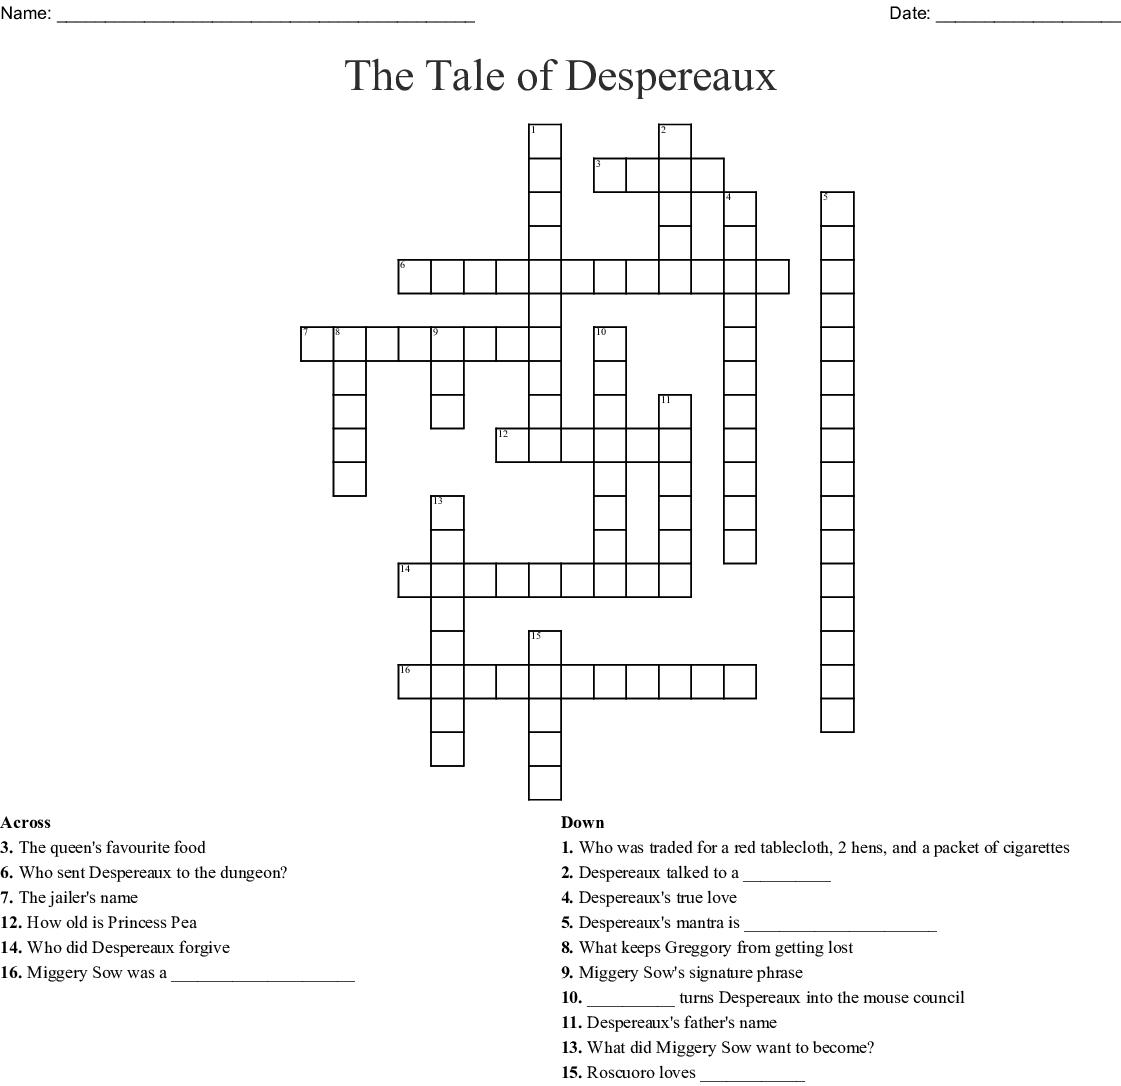 The Tale Of Despereaux Crossword